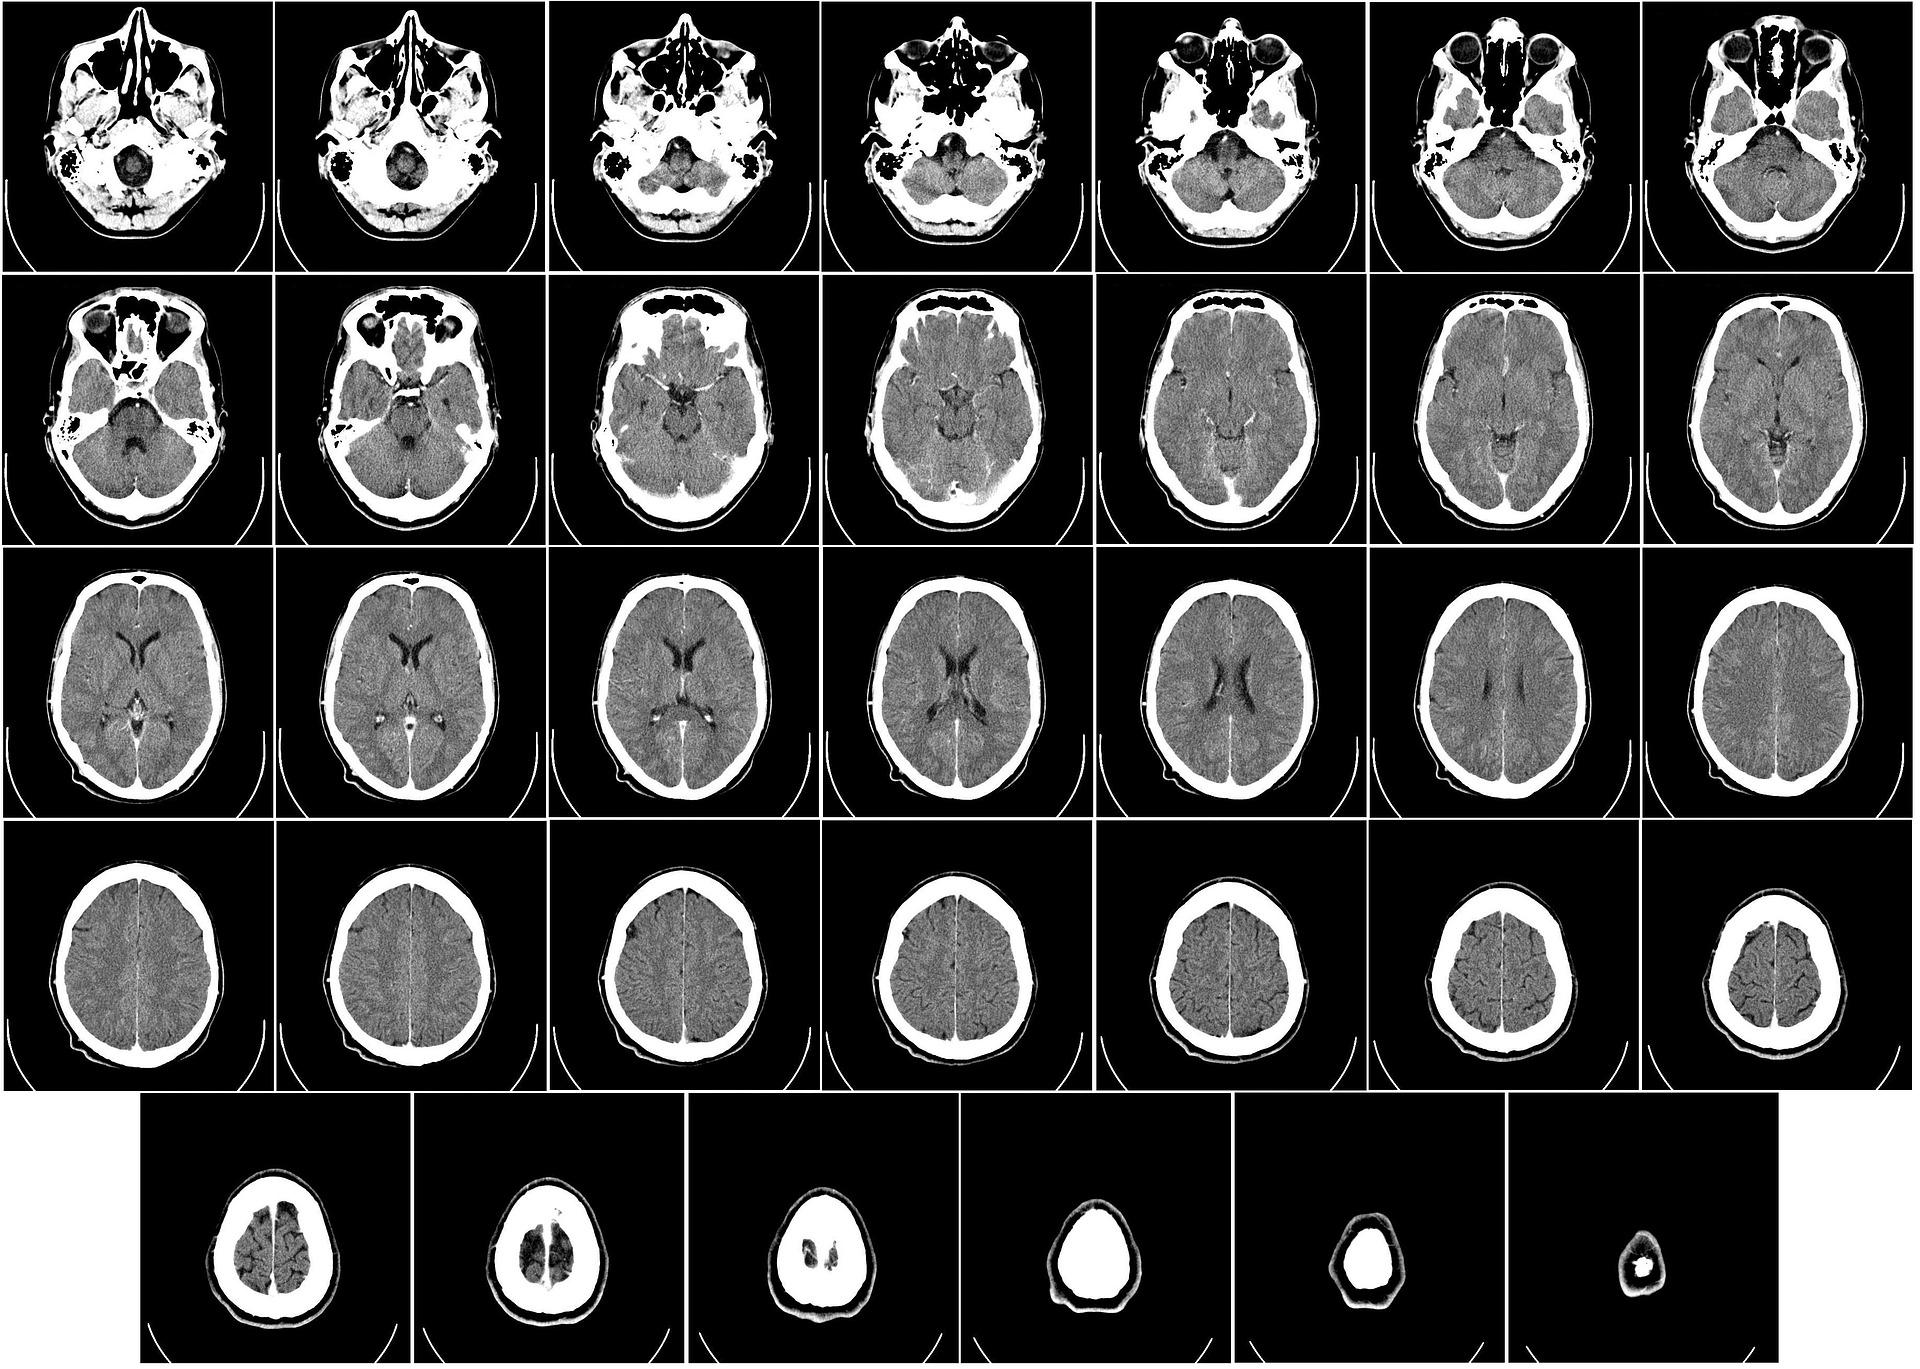 名医が悪性脳腫瘍手術を行うと、死亡率が半分以下に!